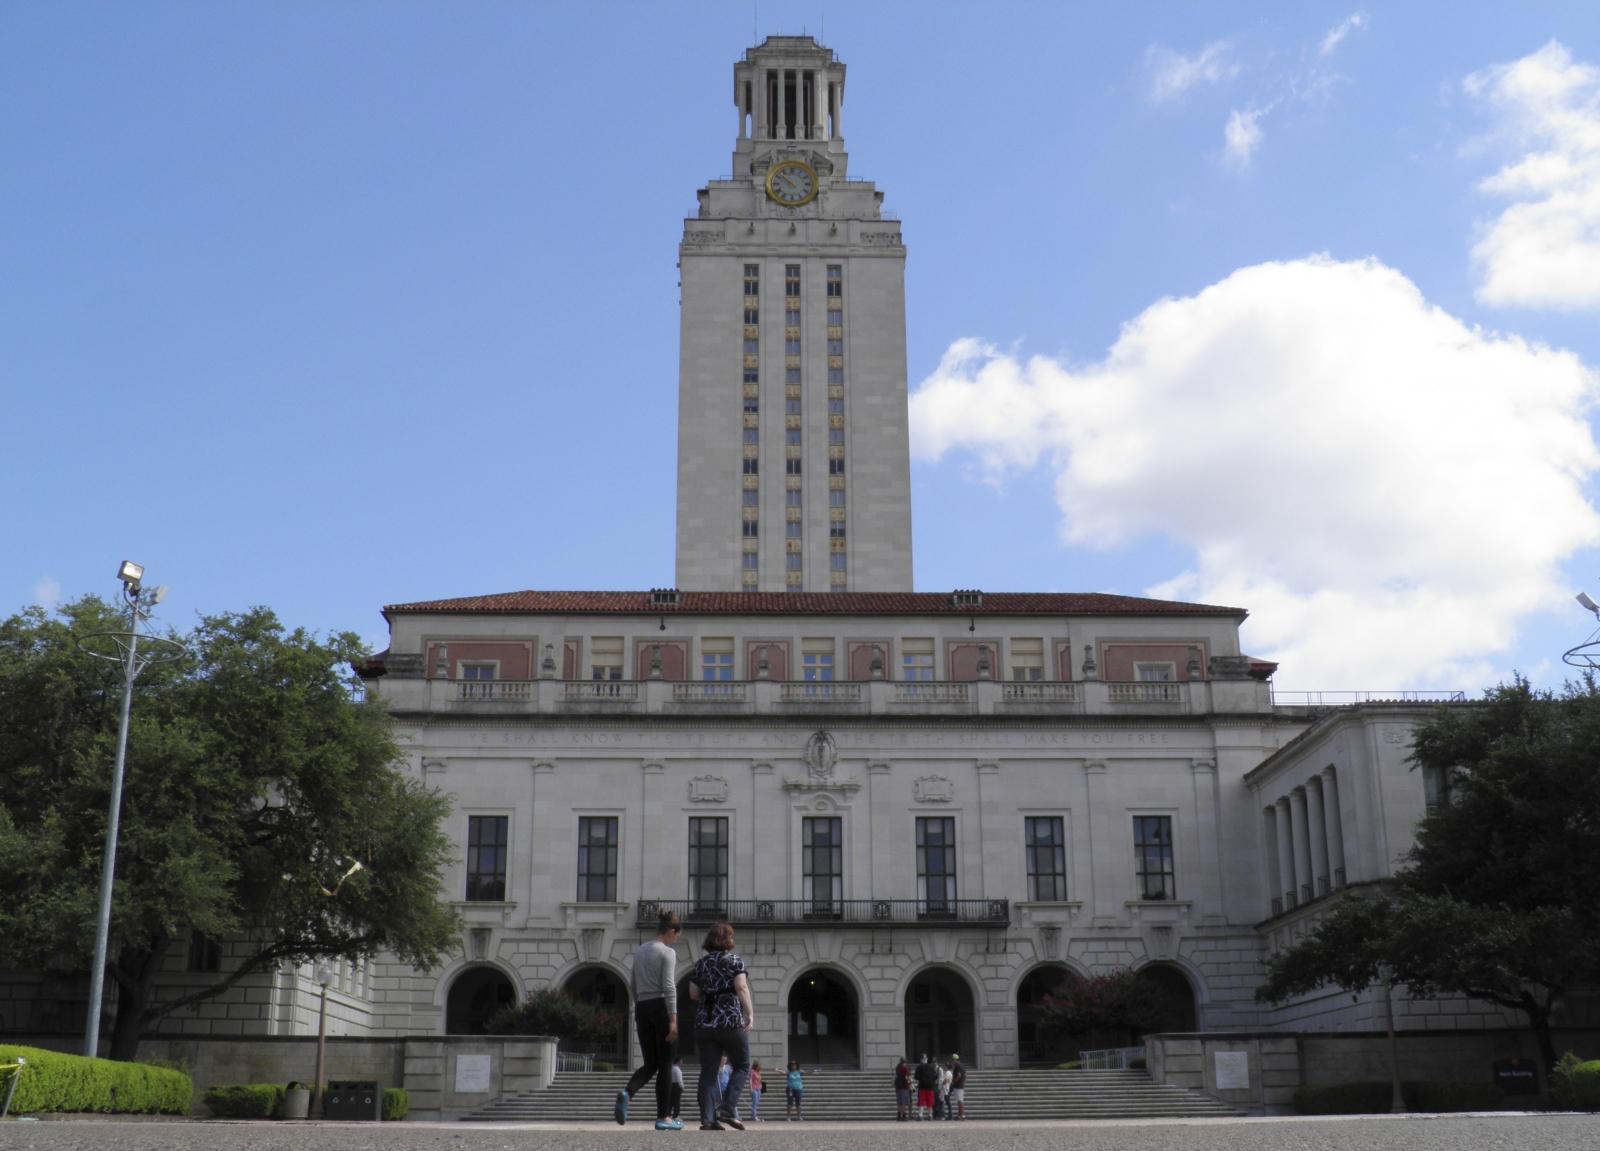 University of Texas campus in Austin